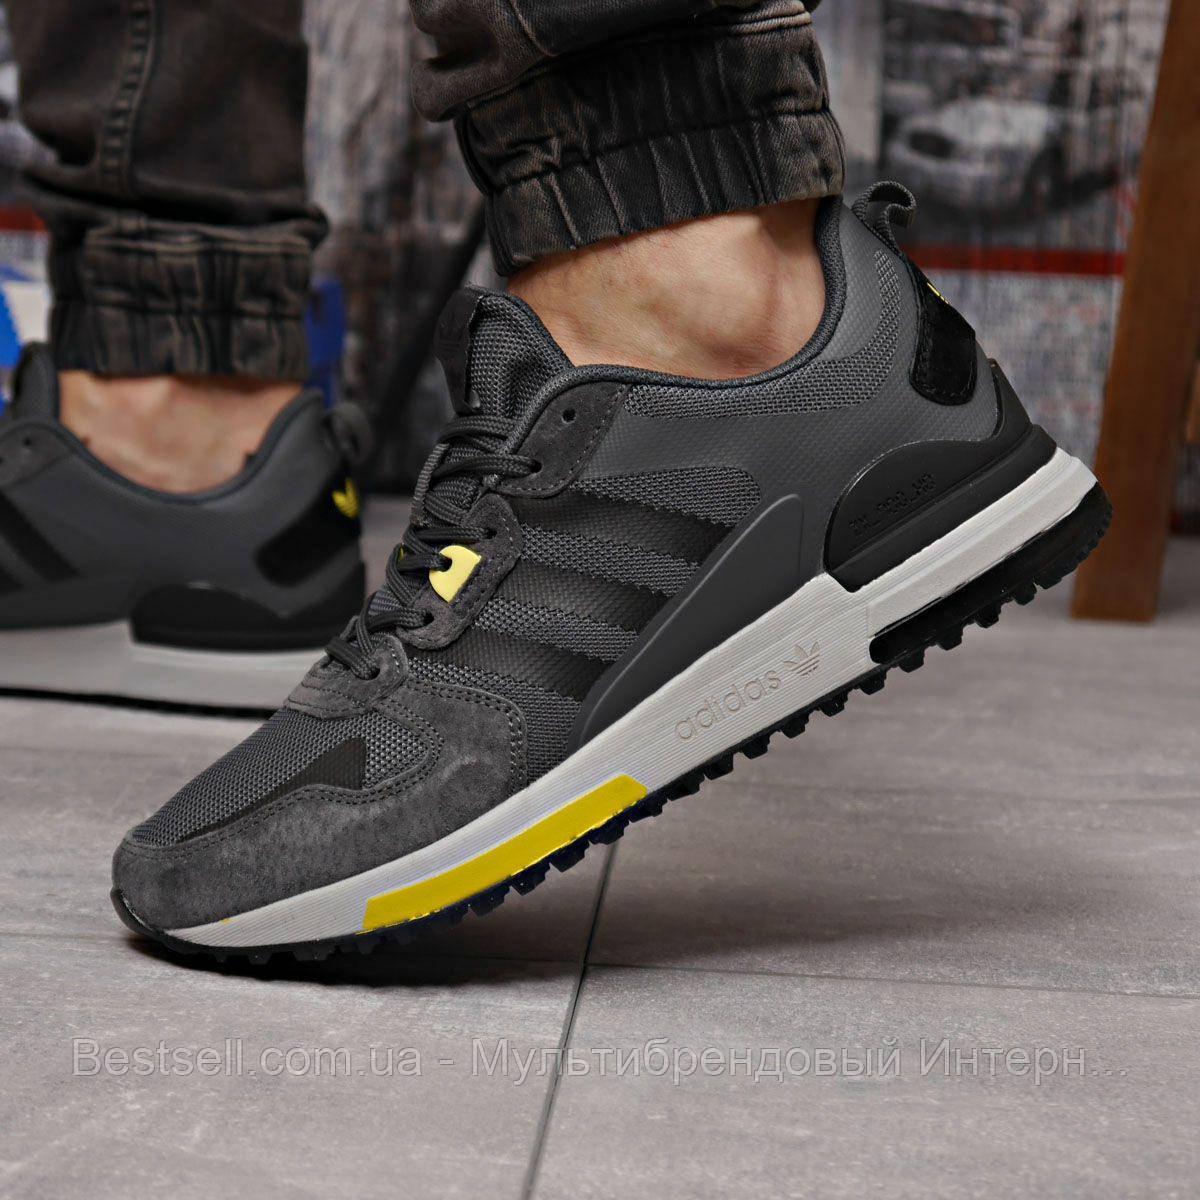 Кроссовки мужские 18281, Adidas Zx 700 HO, темно-серые, [ 42 ] р. 41-26,0см.